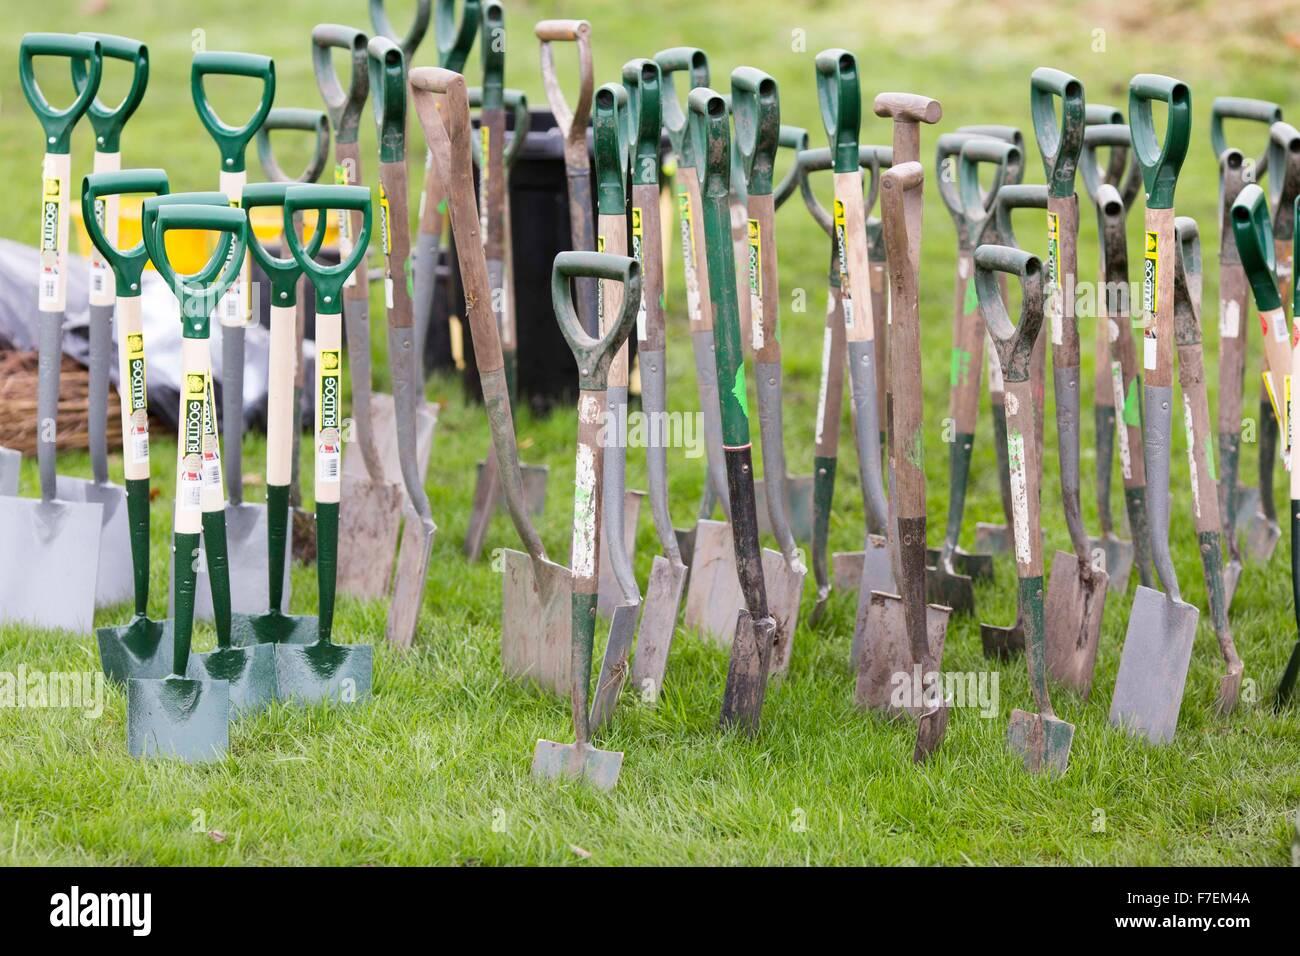 Jardinería picas en el suelo Imagen De Stock